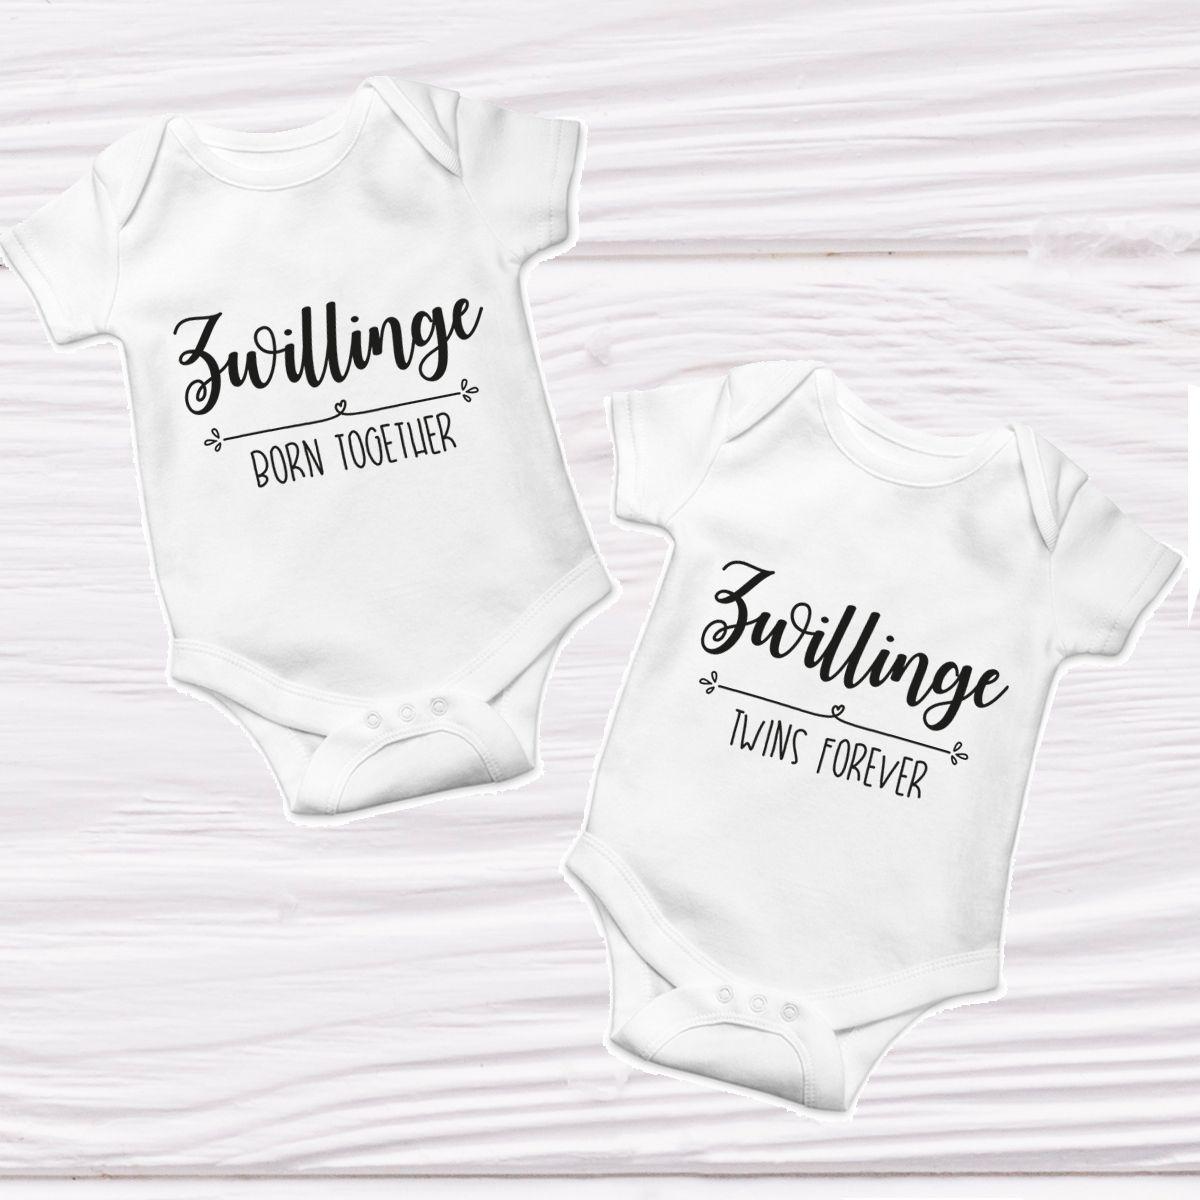 Baby Bodies Zwillinge Born Together Twins Forever Herzpost Baby Einteiler Body Bedrucken Zwillinge